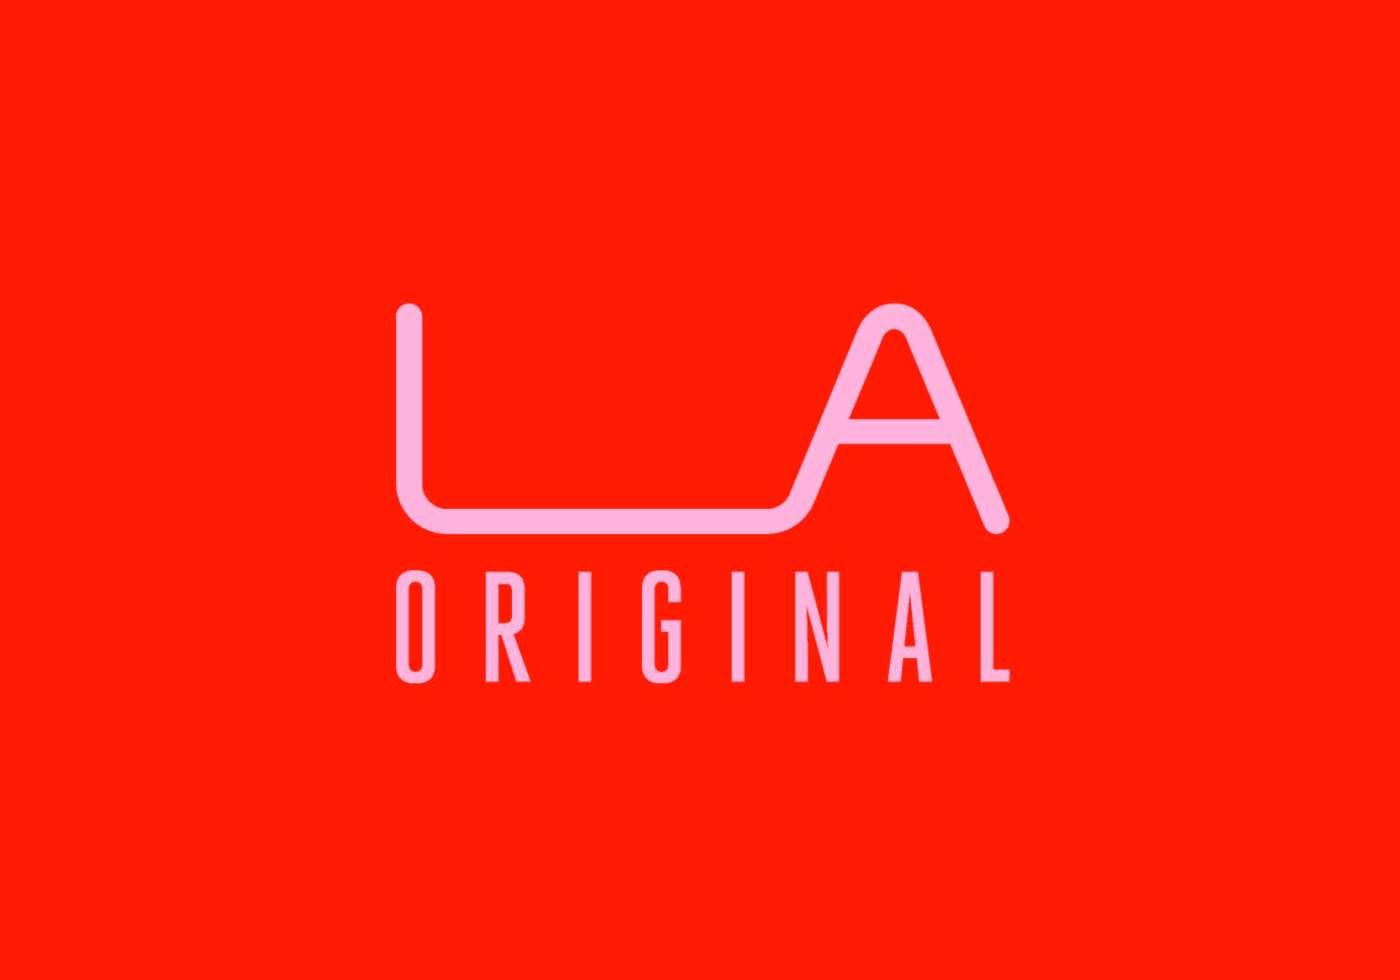 la-original